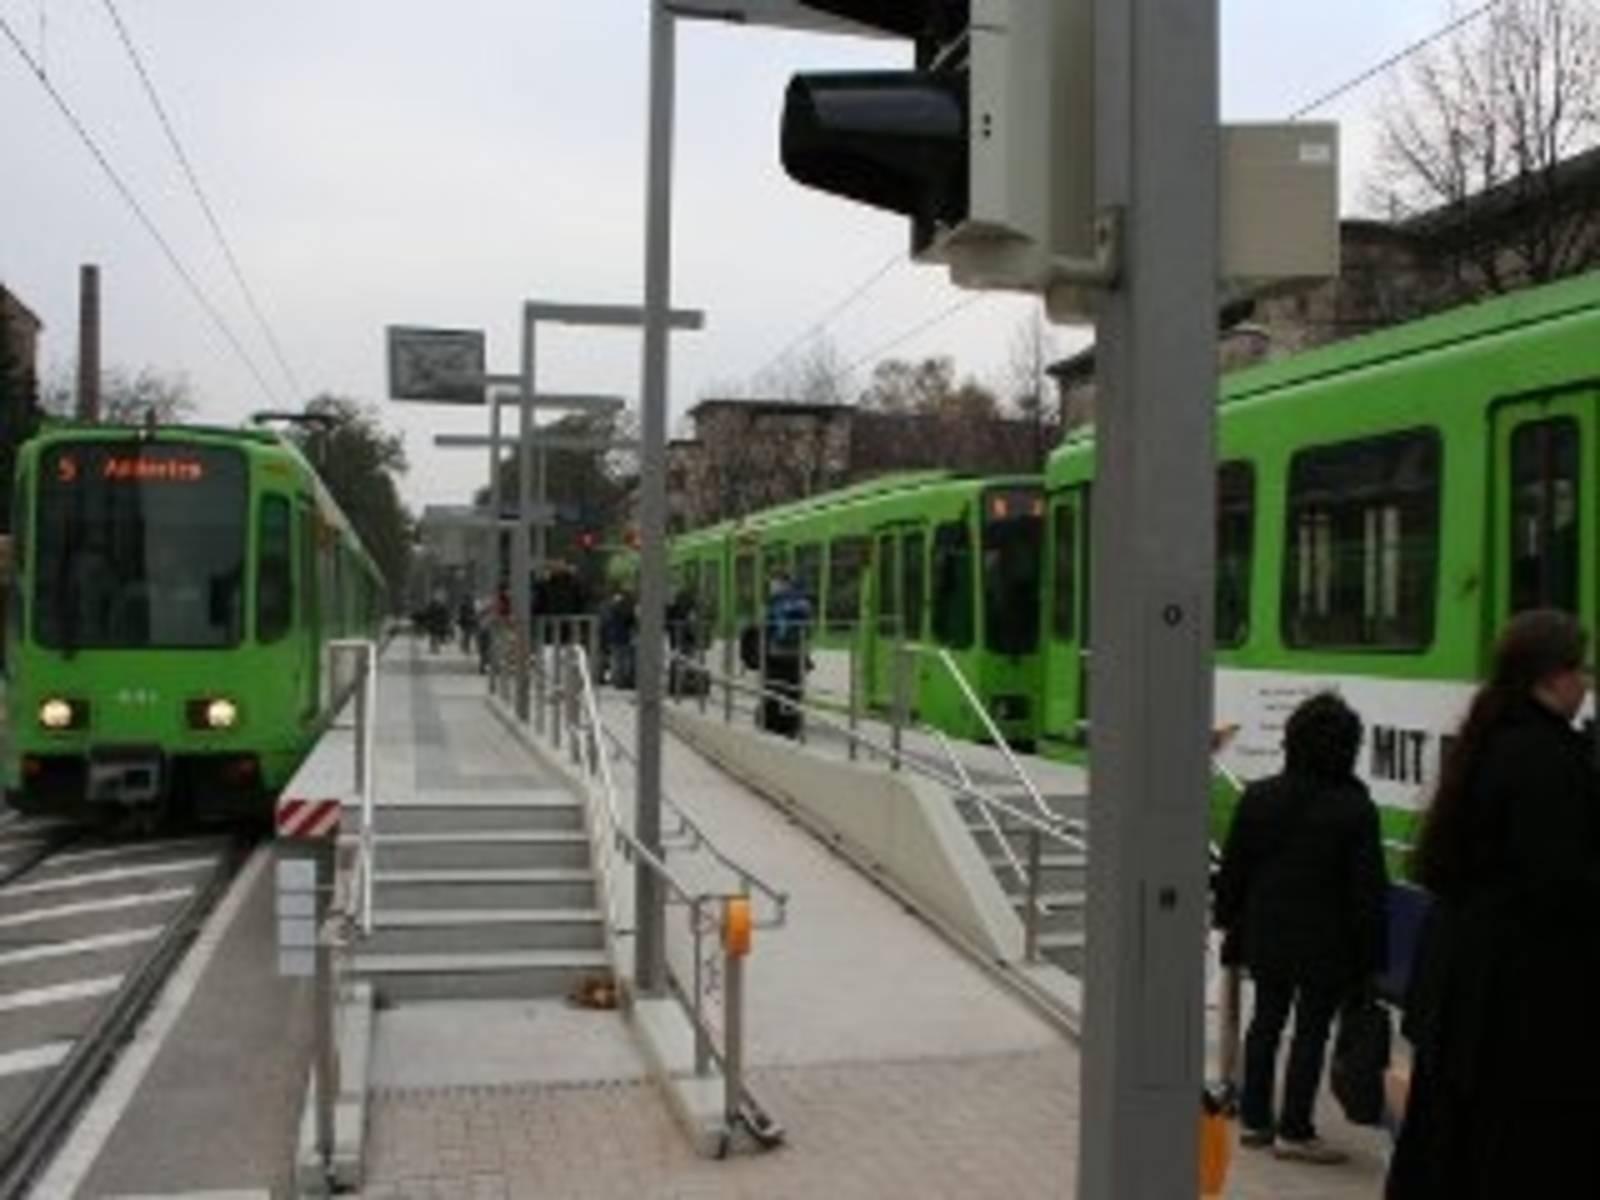 Zwei Straßenbahnen an einem Hochbahnsteig.